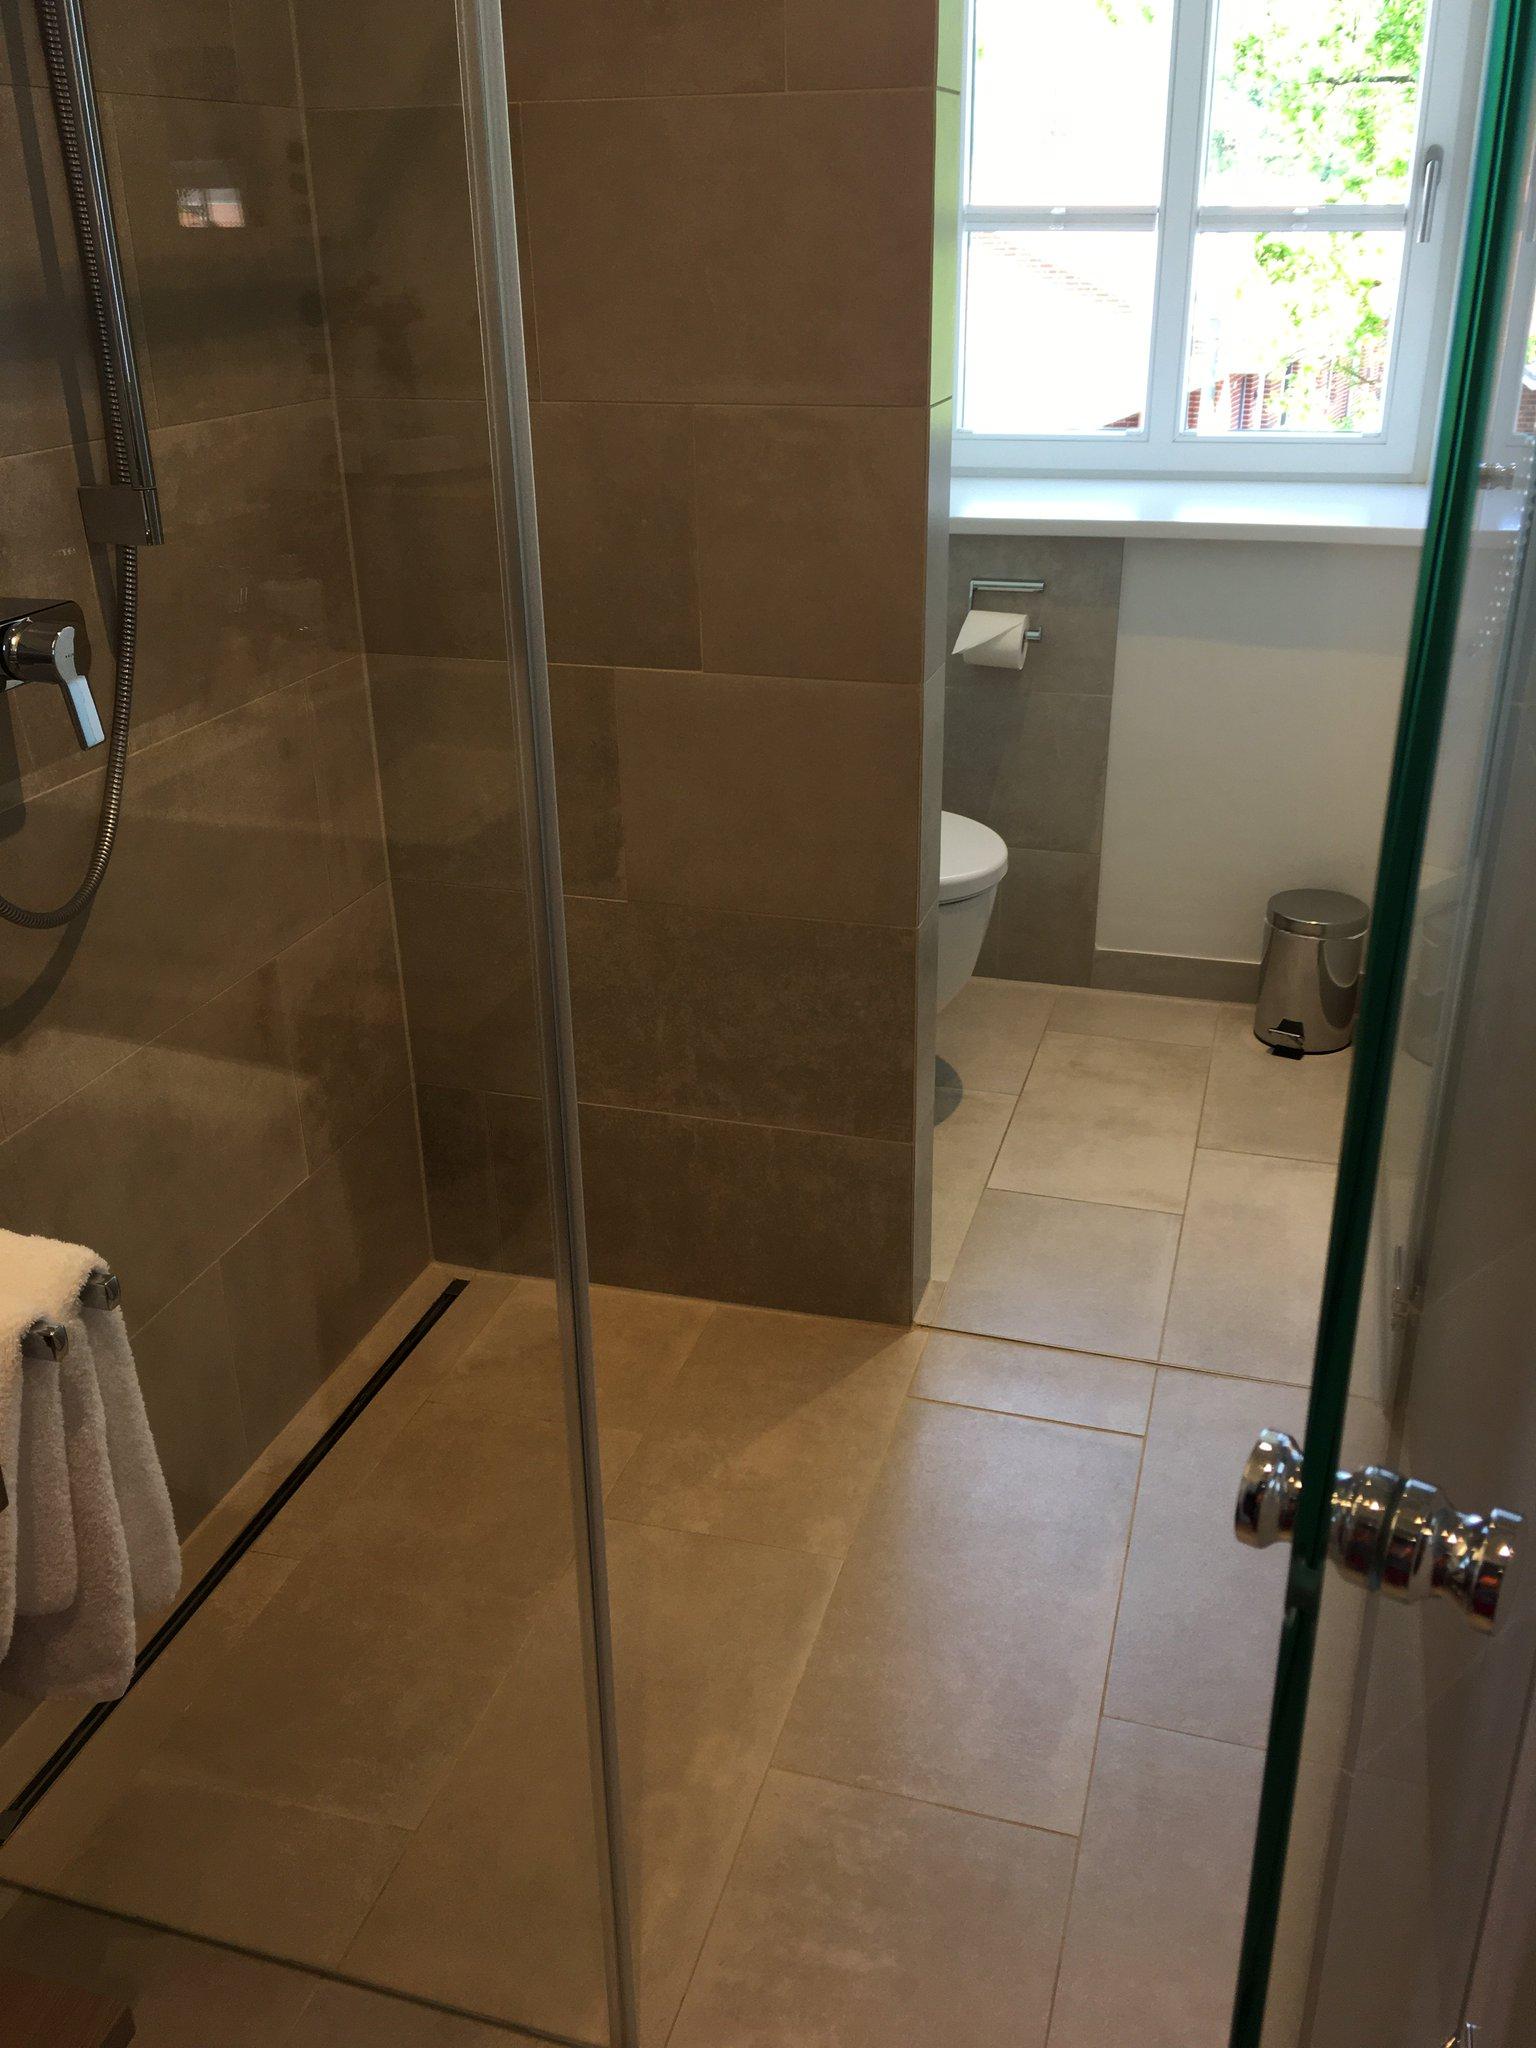 Aber das Bad wird dann eine Herausforderung. Zum WC geht's nur durch die Dusche 🤔 #meurers #bispingen #heidebloggerevent https://t.co/0DyR3714CZ